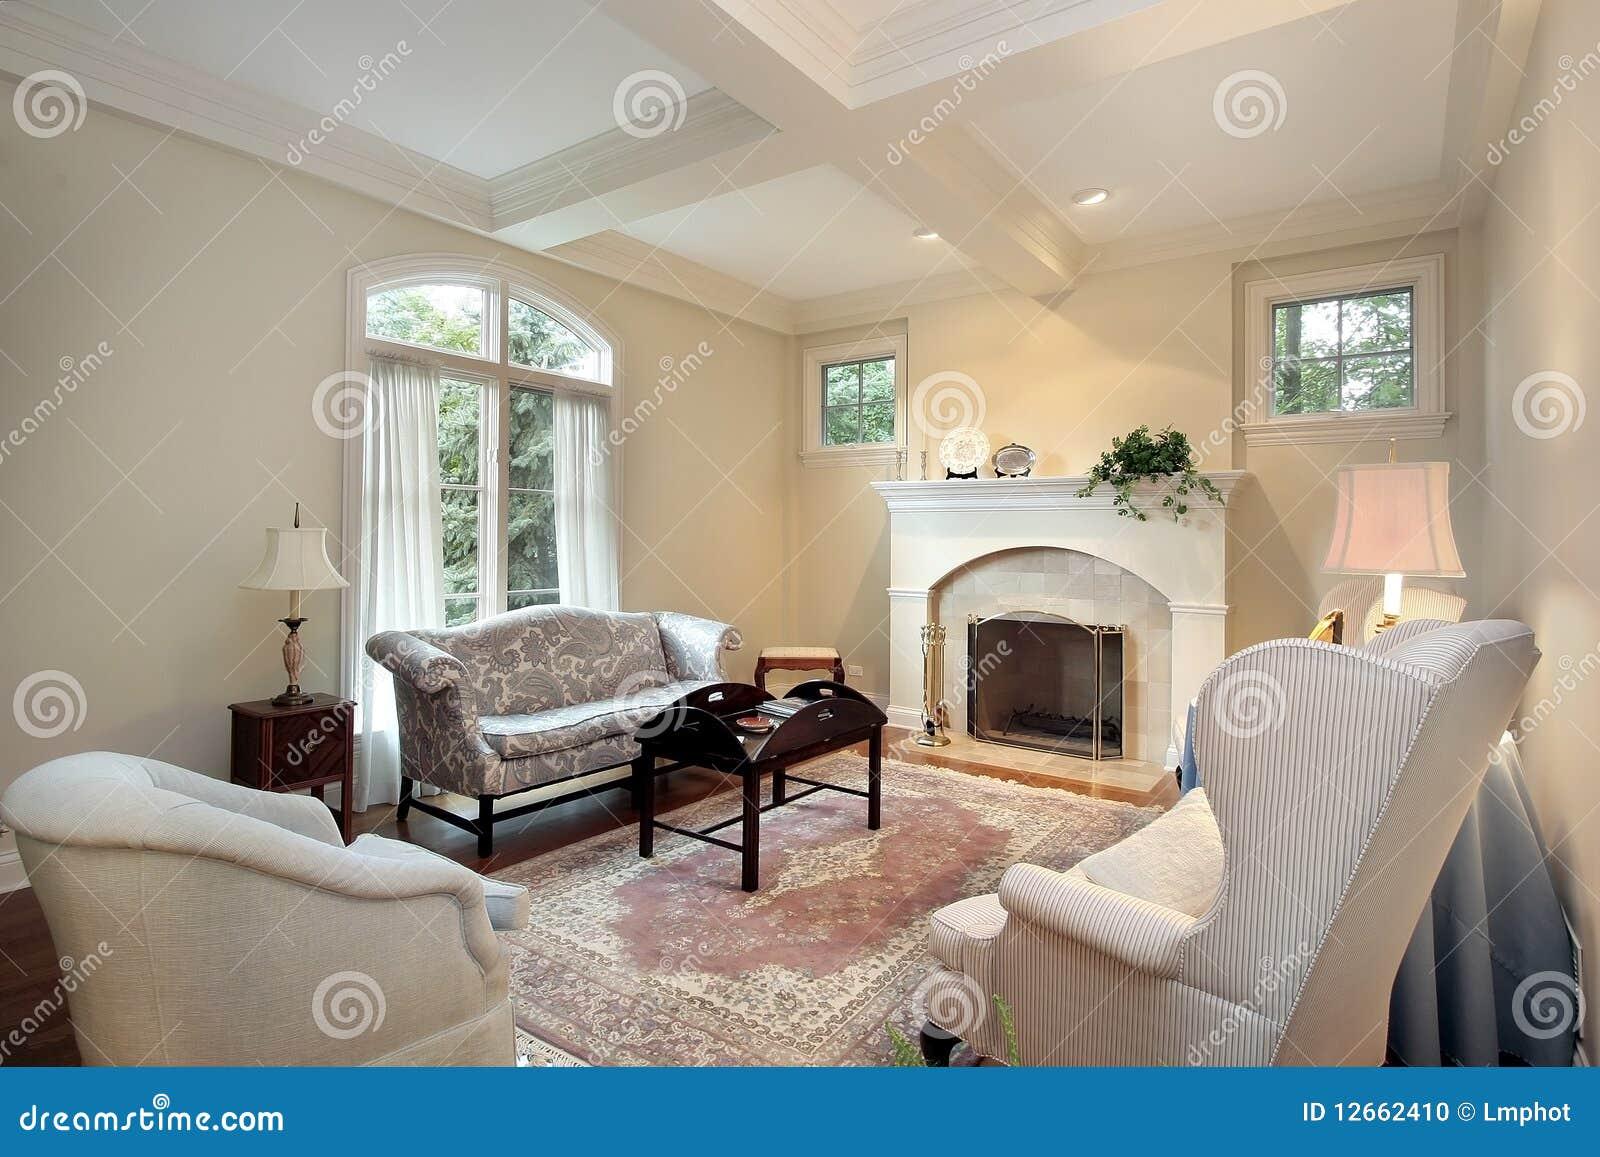 Ideeen Speelhoek Woonkamer : Gezellige woonkamer ideeen. woonkamer ideeen decoratie with